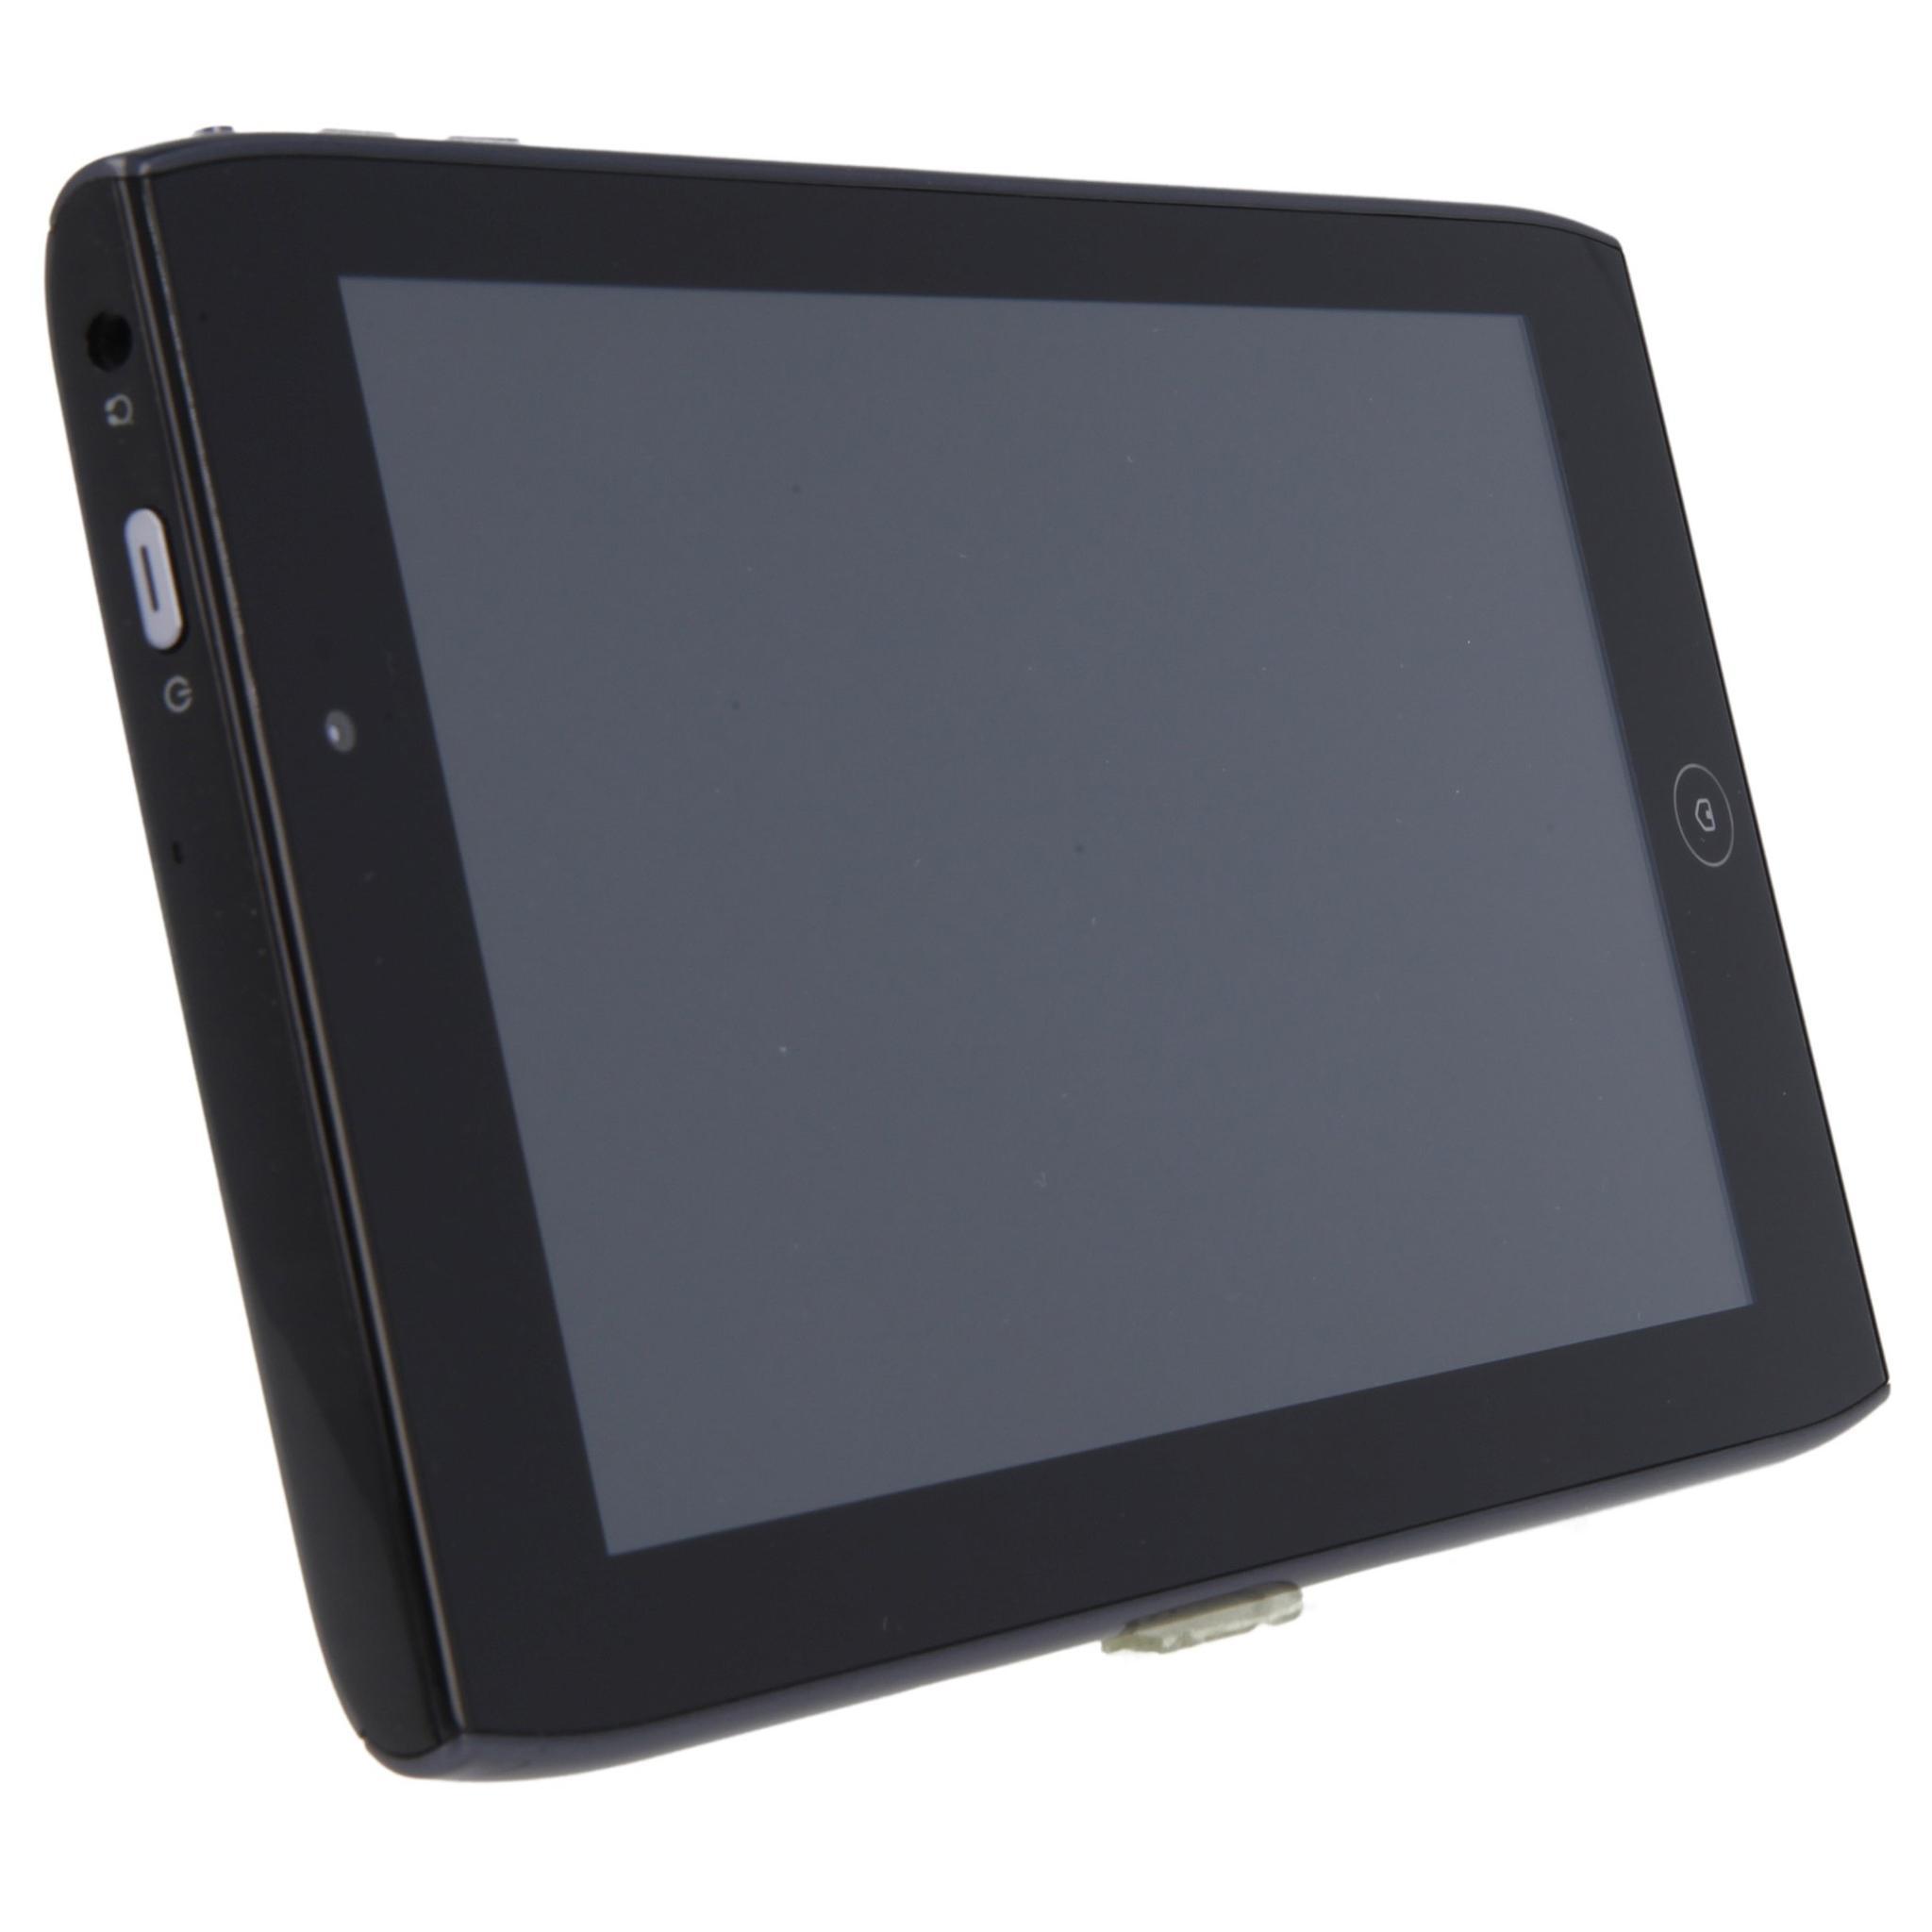 Acer Iconia A101 3G WiFi 8 GB noir débloqué